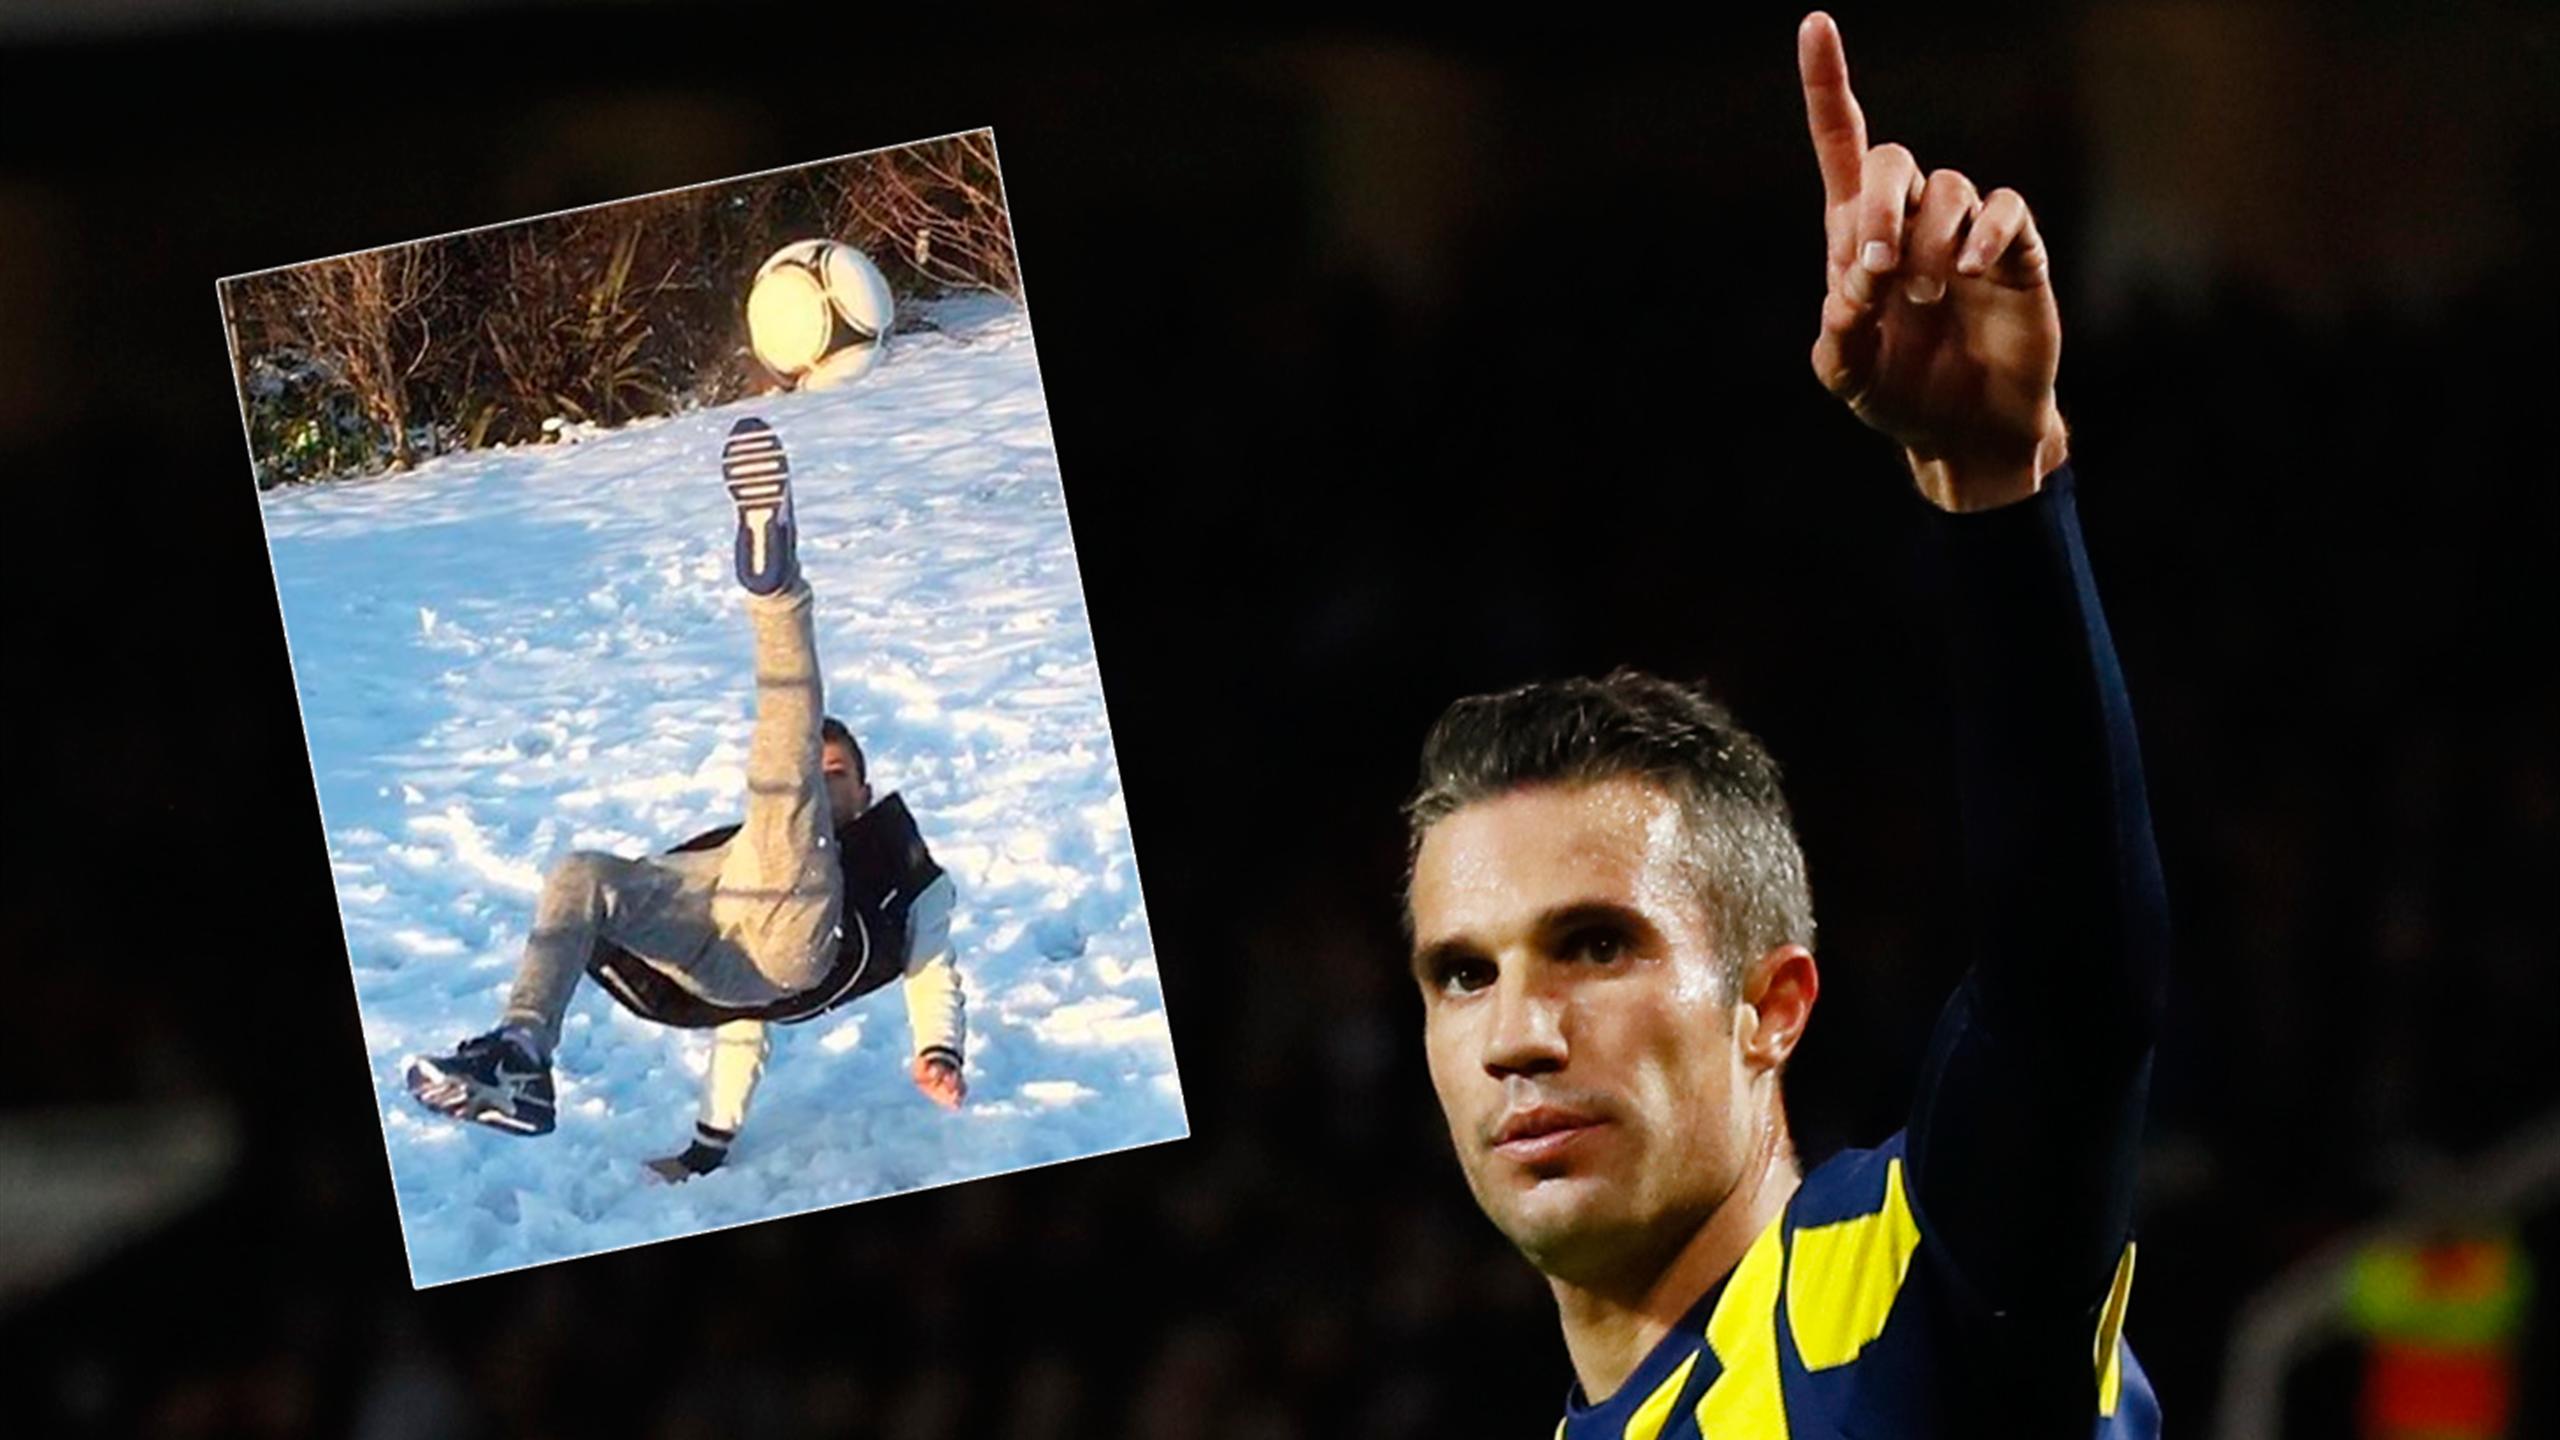 Robin van Persie's son Shaqueel scores superb overhead kick in the snow (Instagram)